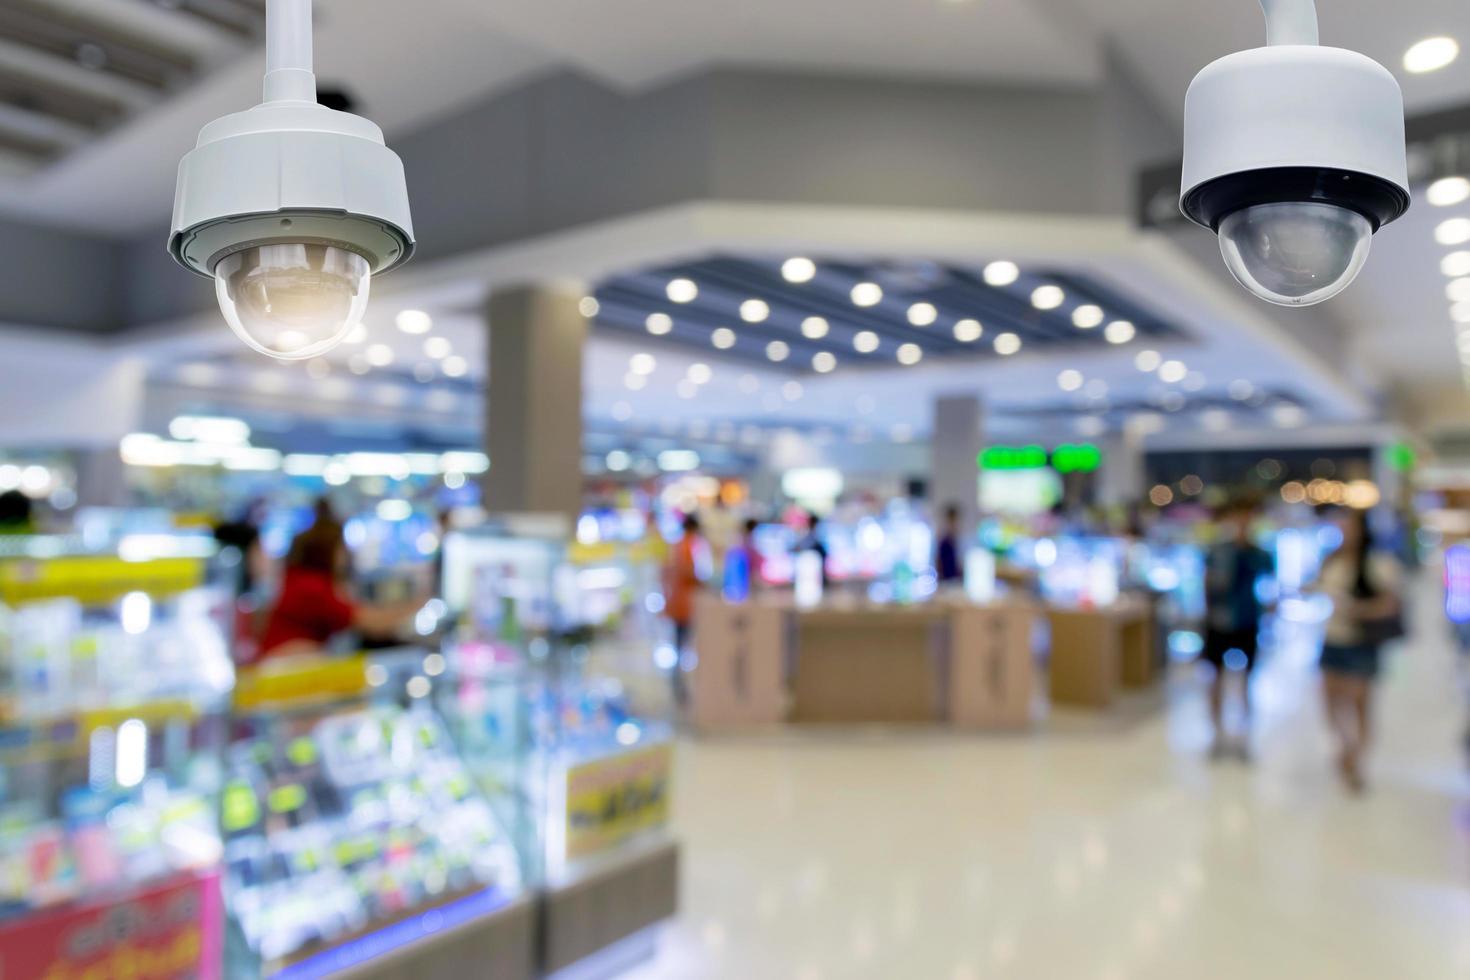 câmera de segurança cctv foto